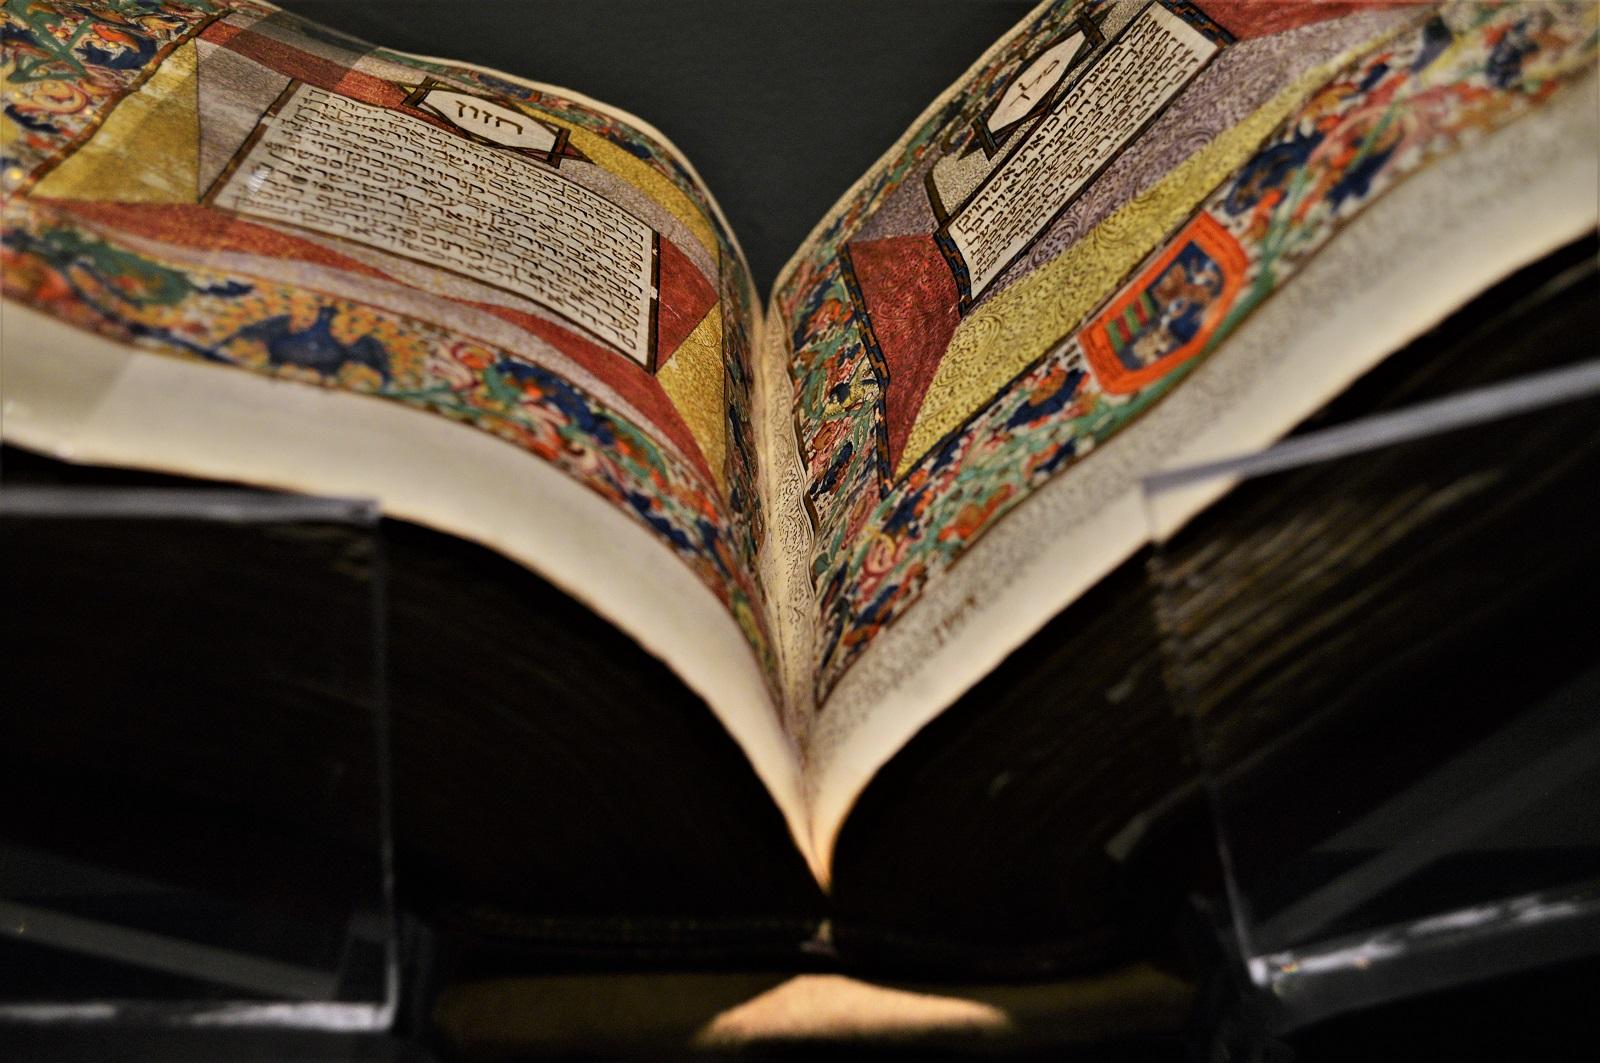 Biblia Hebrea, España y Portugal Foto Ireli Vázquez